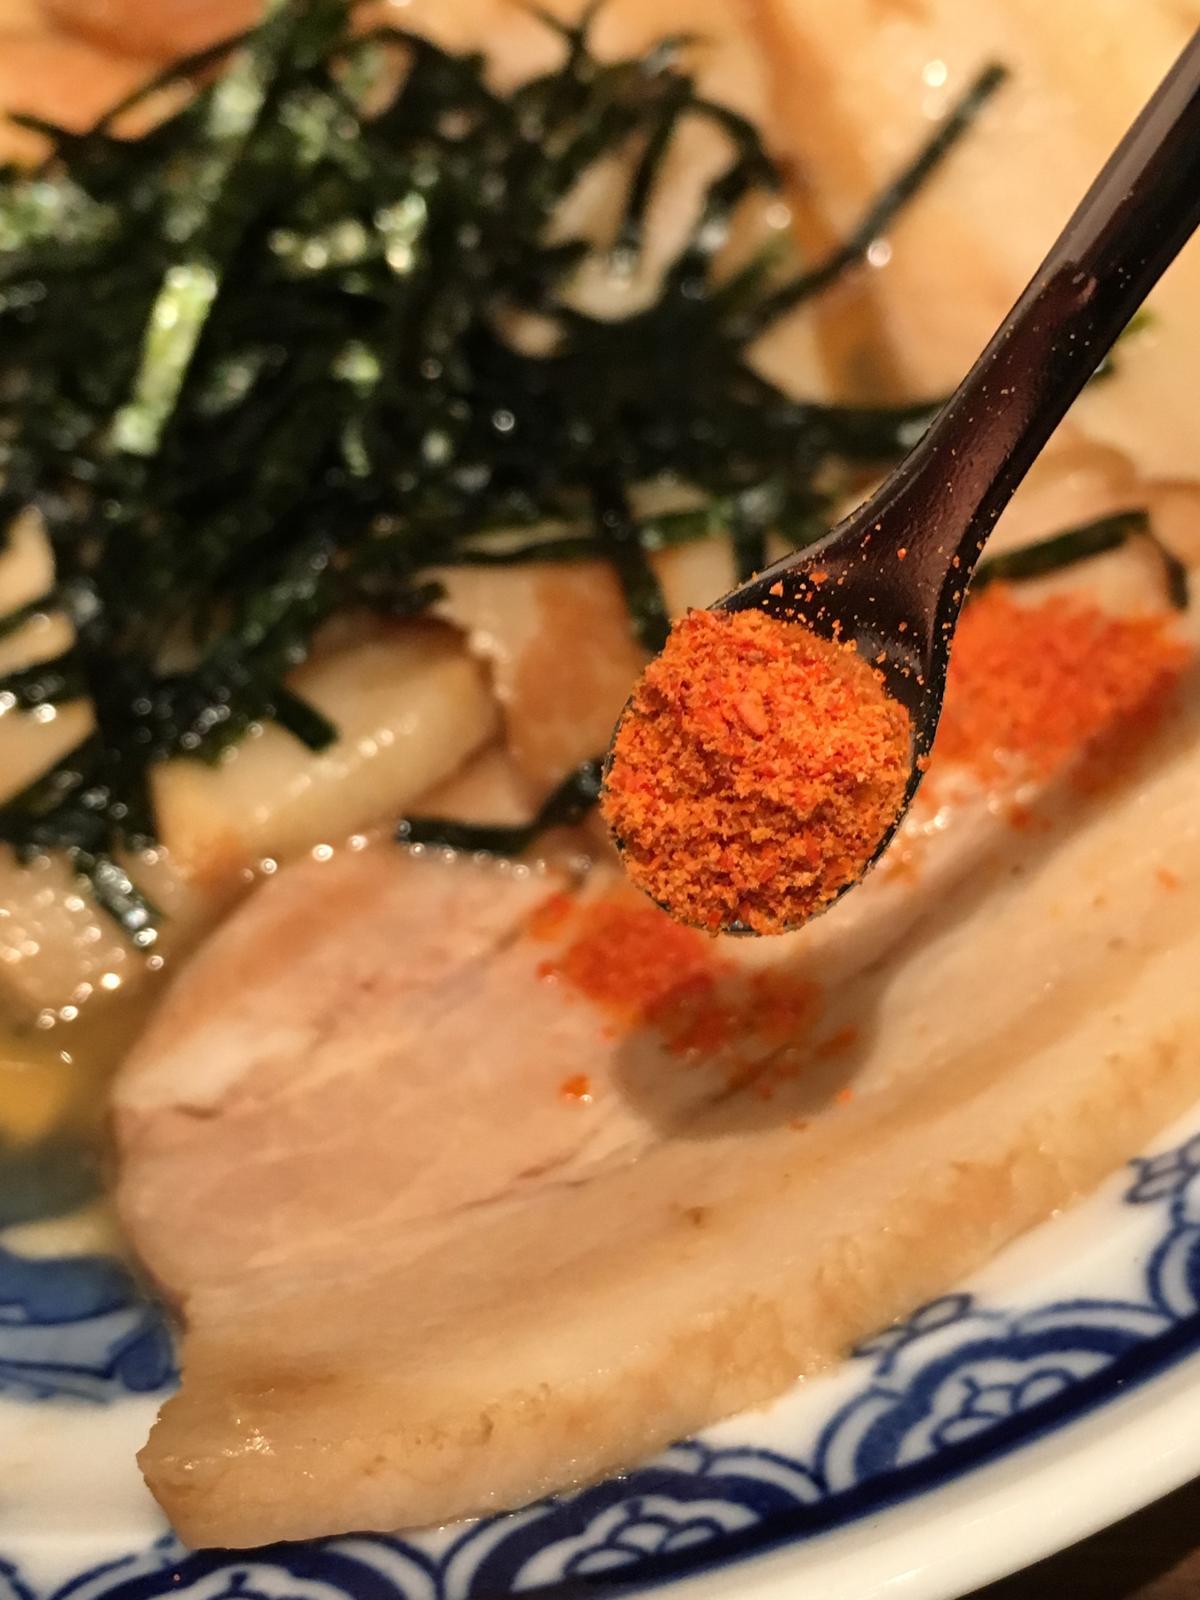 「釜醬汁豚骨叉燒肉」附上的祕製辣粉,入口沒這麼辣,但後勁十足。